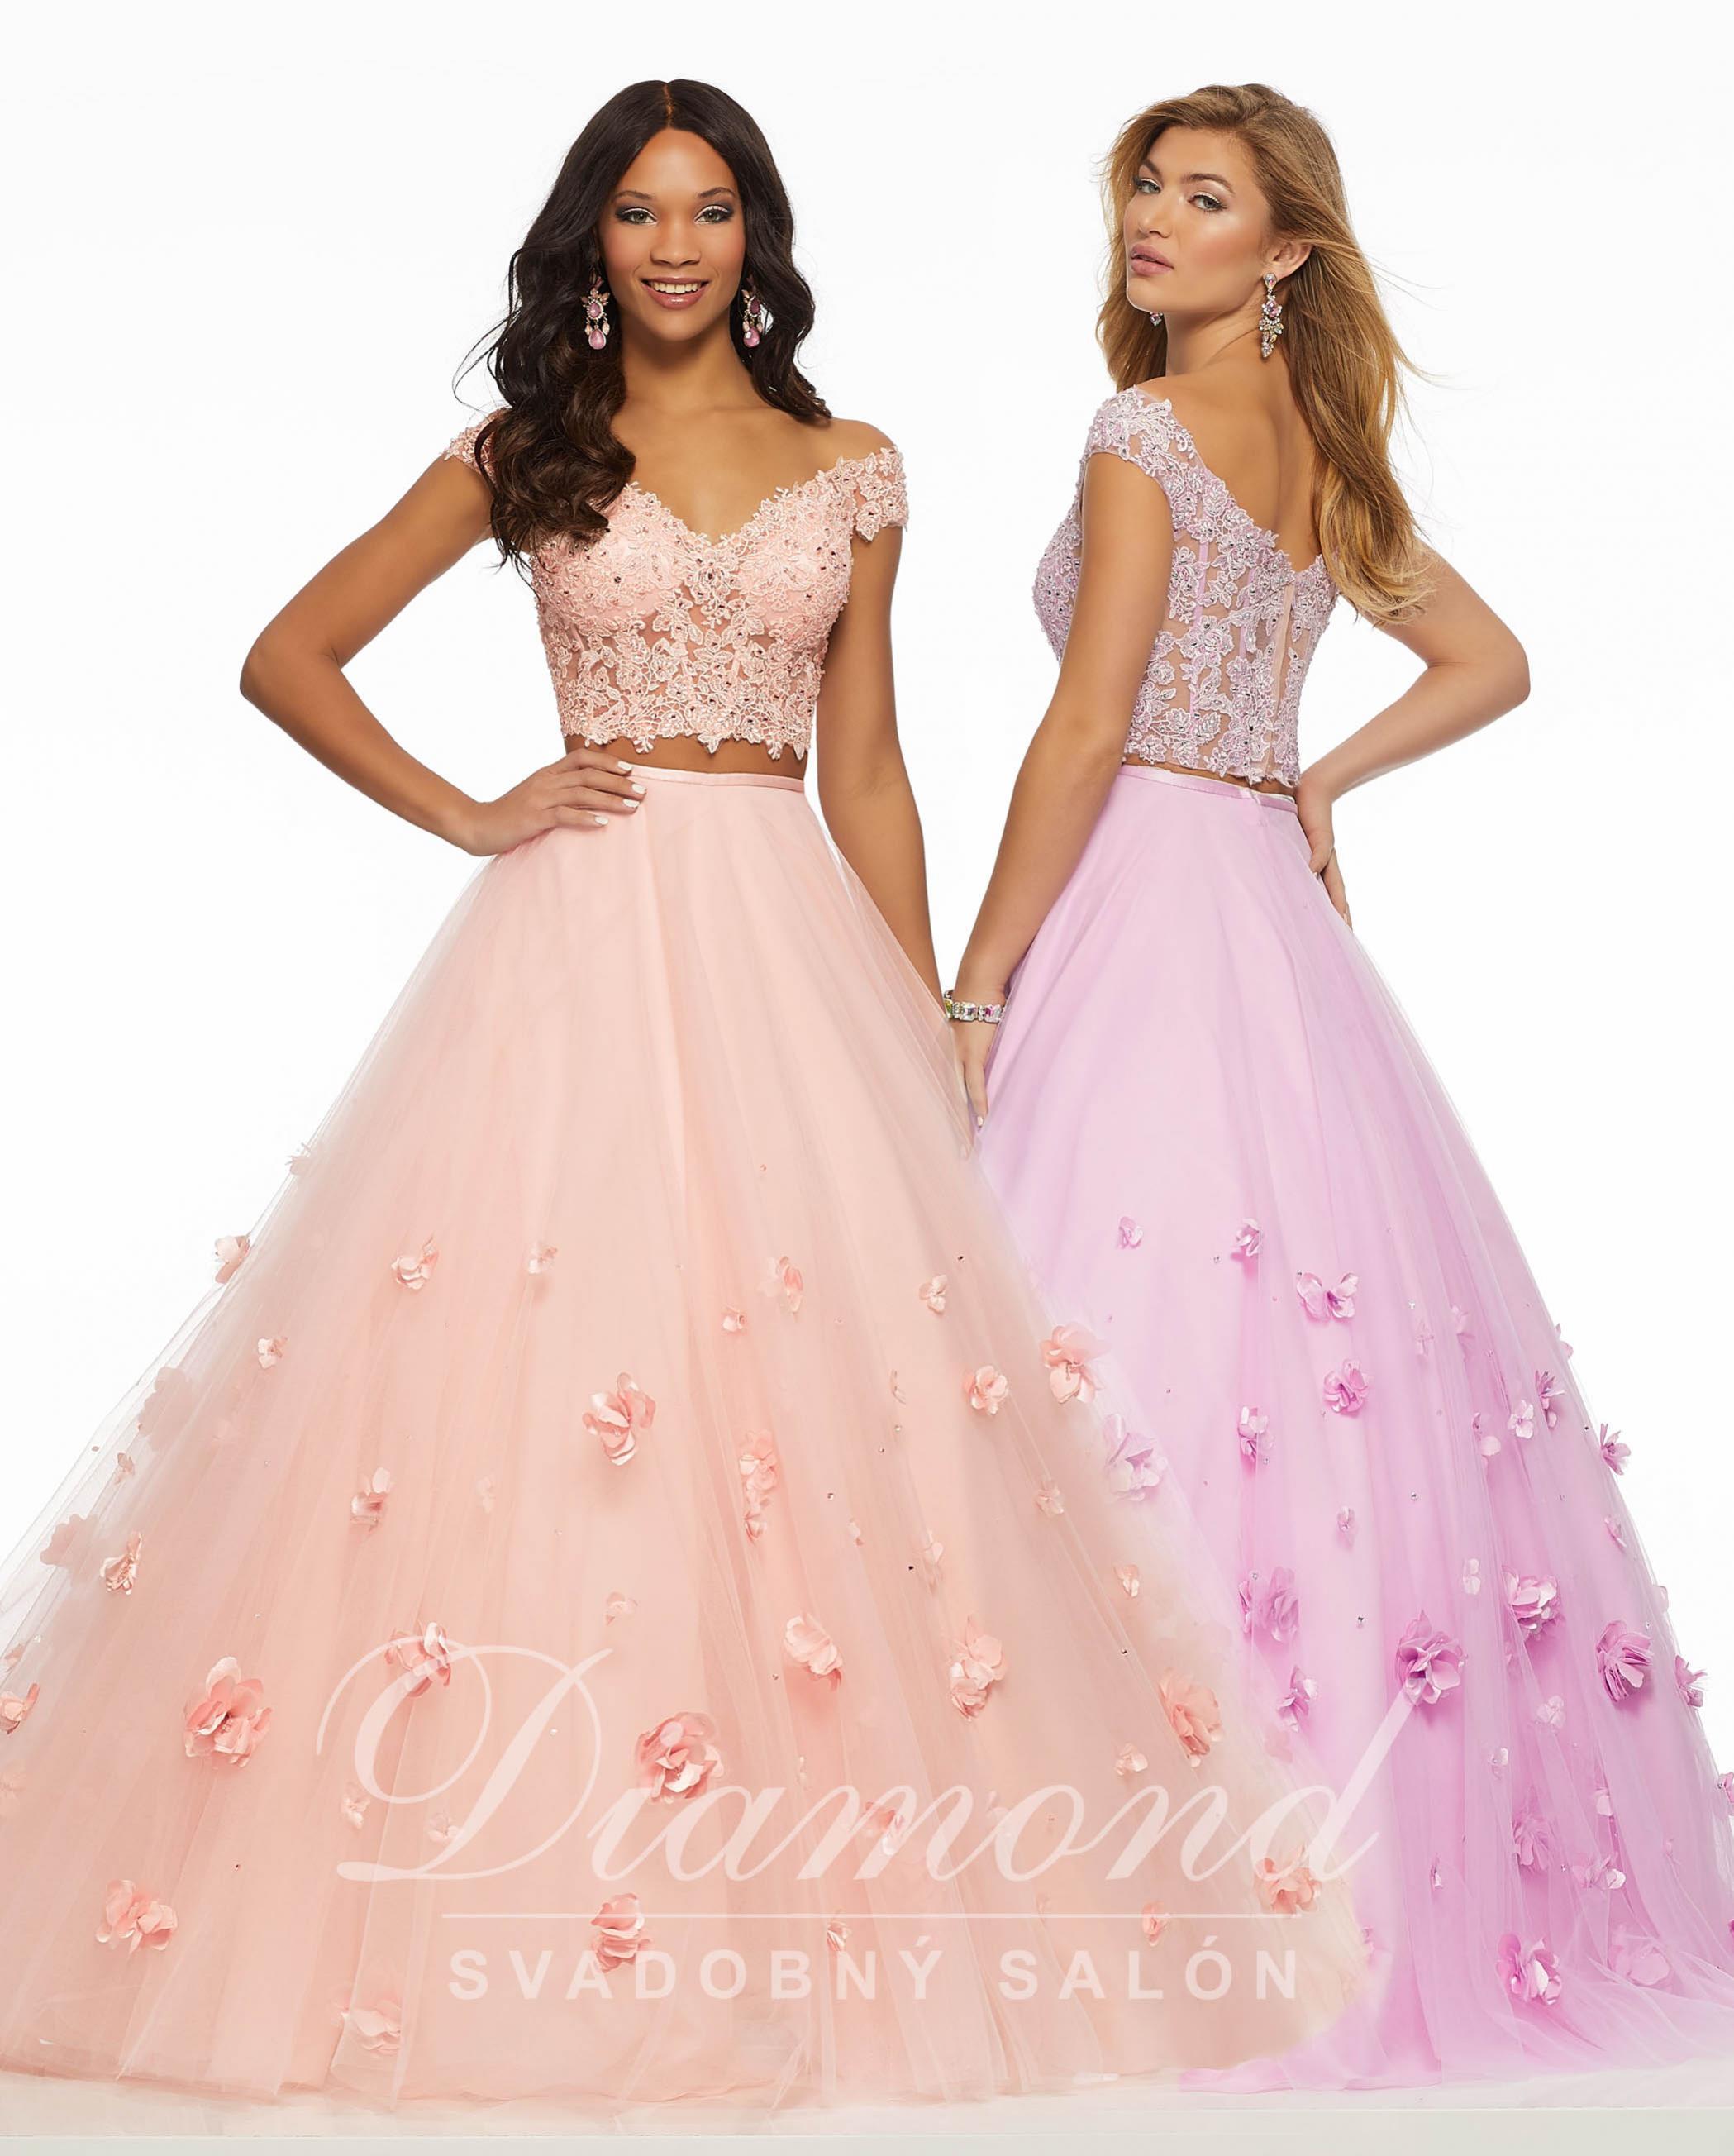 Diamond svadobný salón - šaty na stukovú